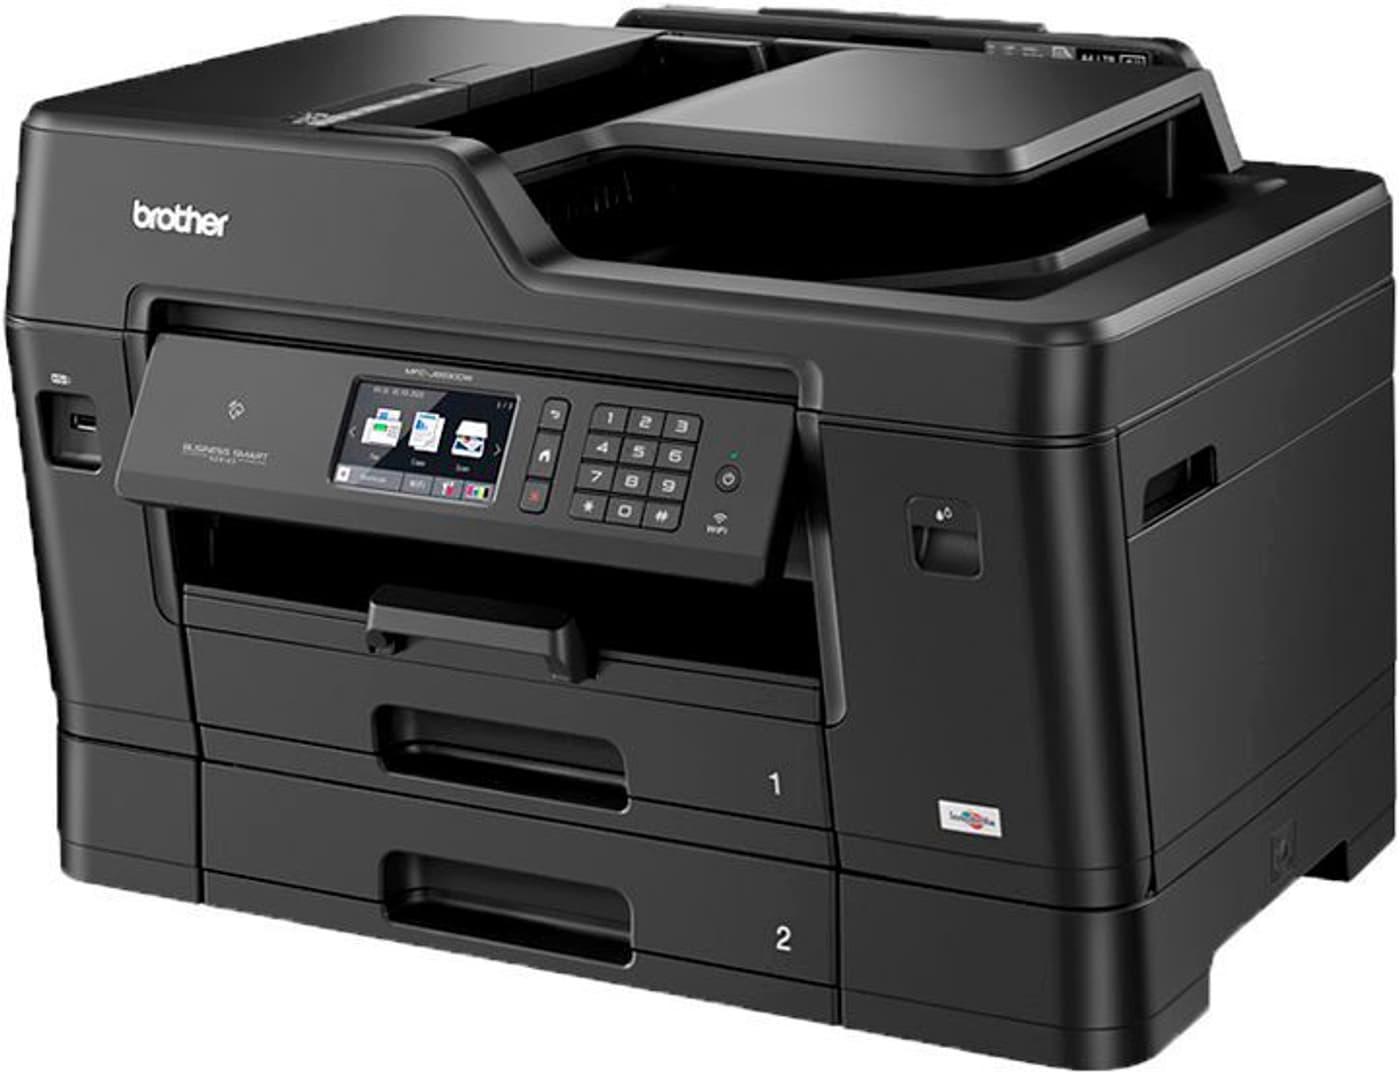 Brother mfc j6930dw a3 drucker scanner kopierer fax for Drucker scanner kopierer